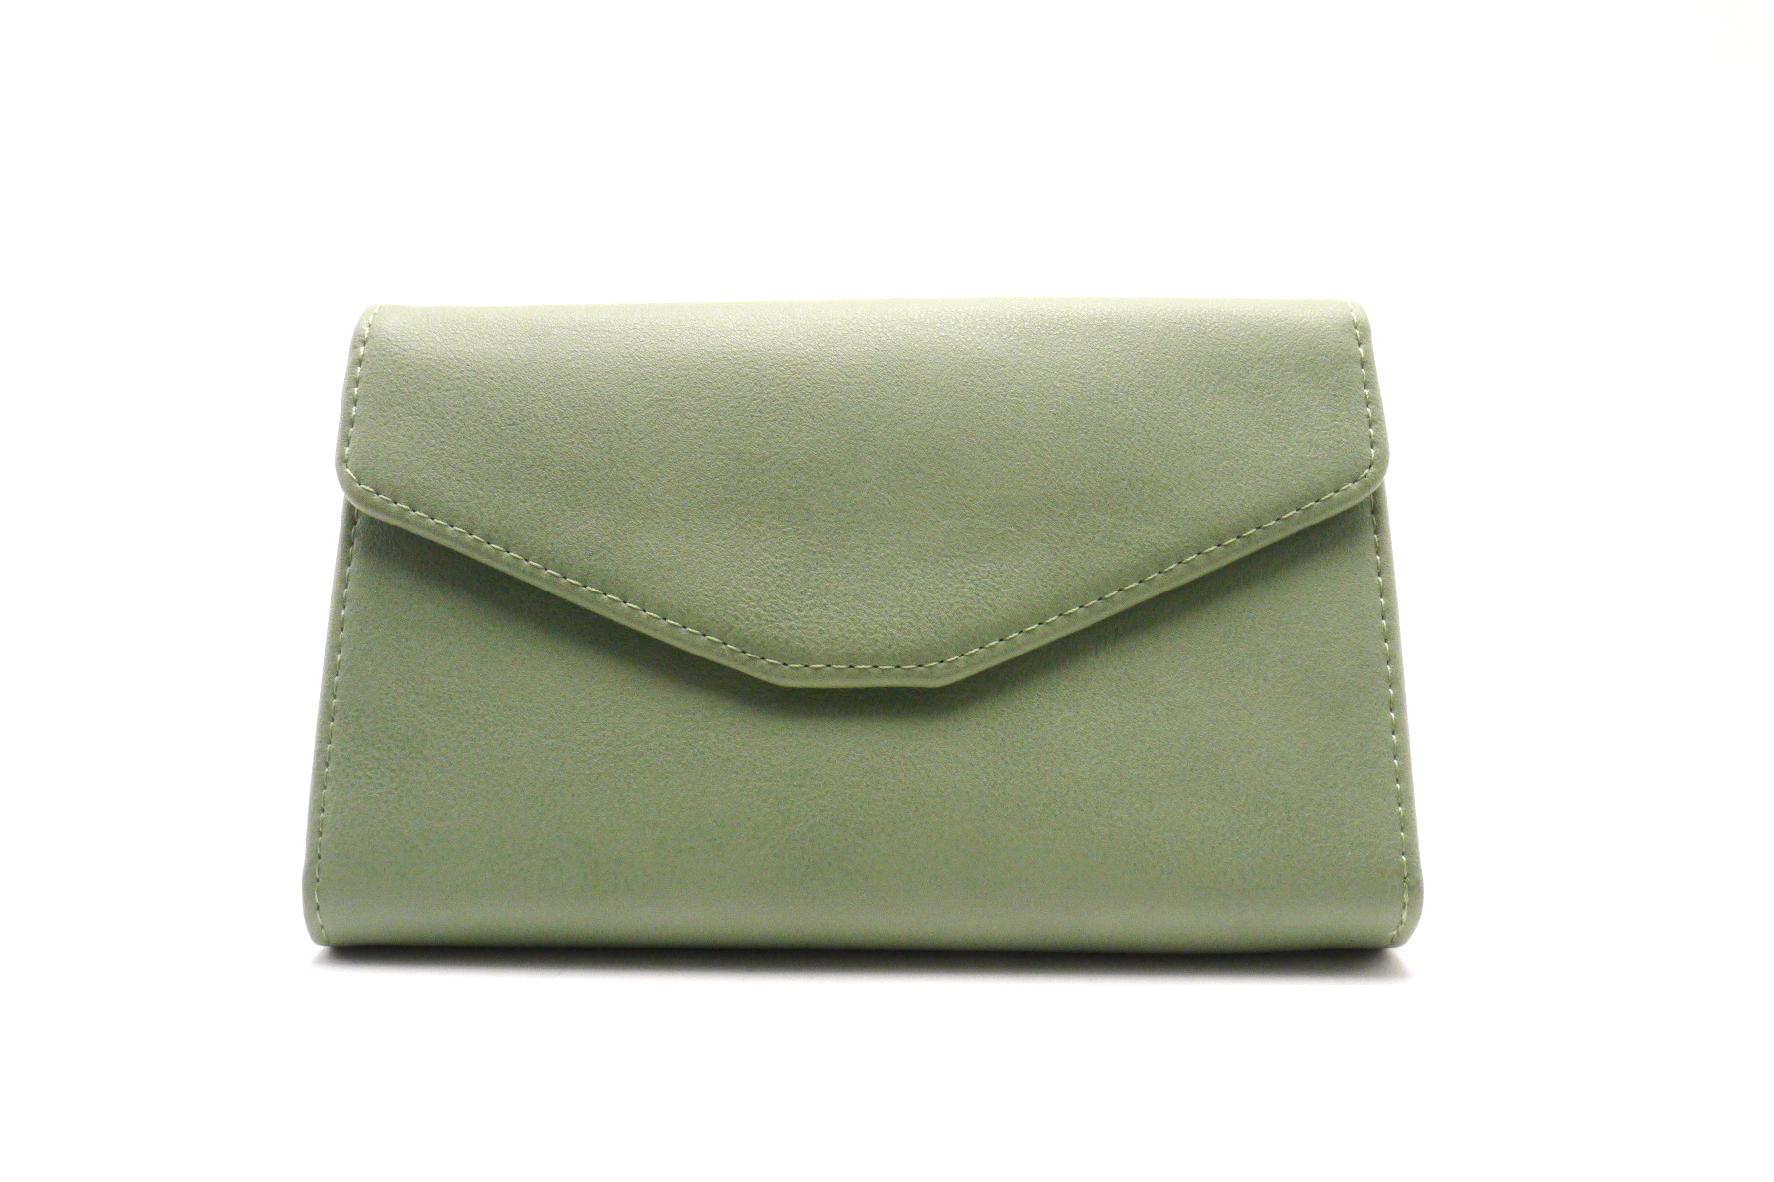 Móda Čapek Krásná kabelka v kombinaci s peněženkou MCPKNN57